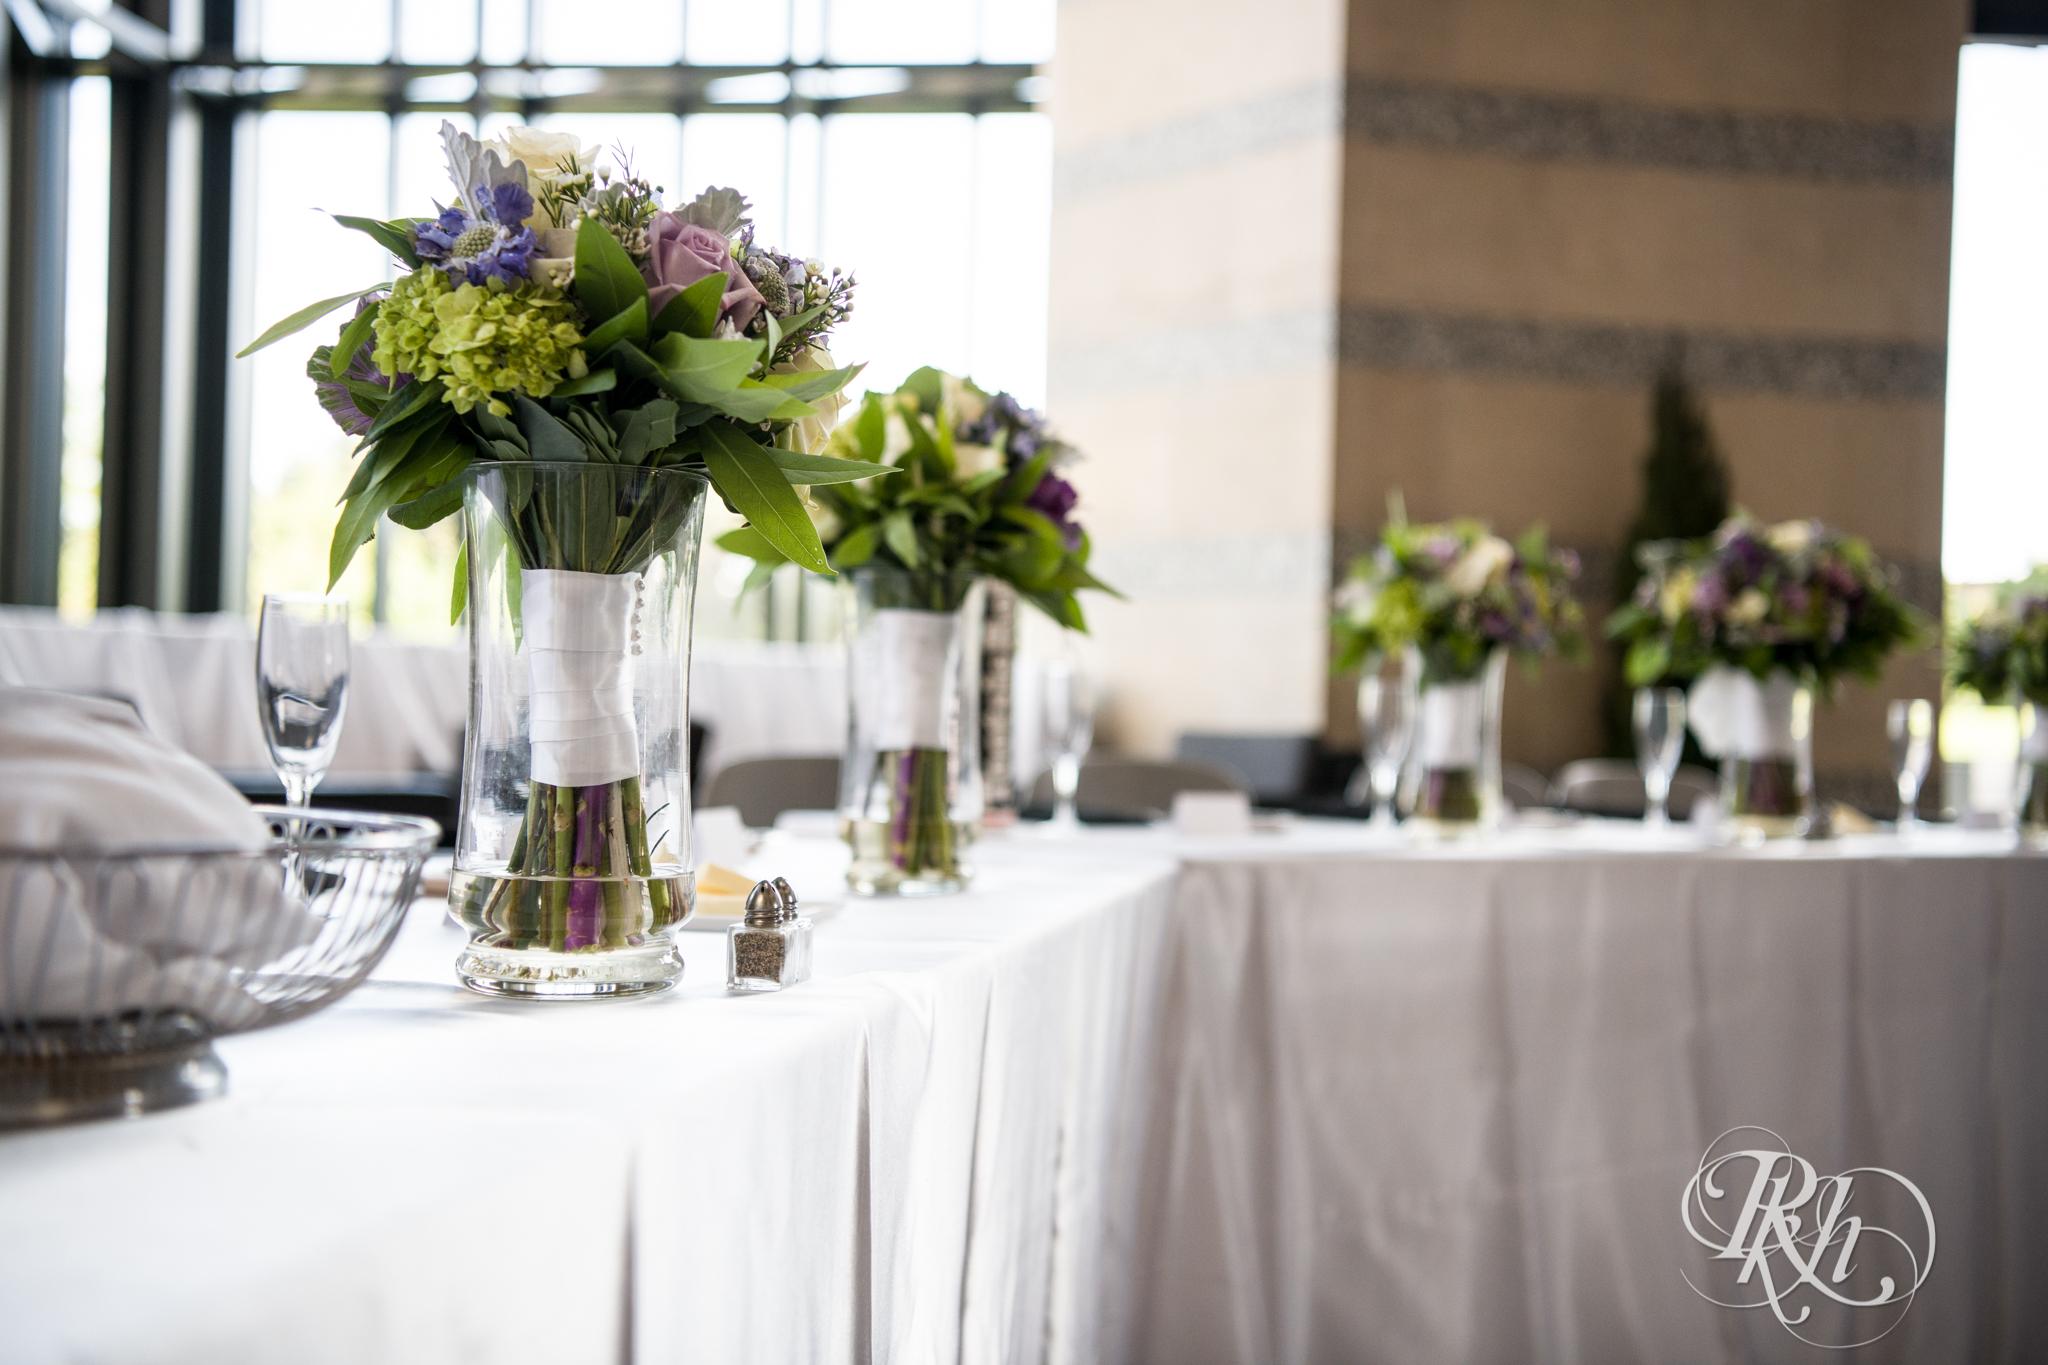 Laura and Adekunle - Minnesota Wedding Photographer - Minnesota History Center - RKH Images - Blog (4 of 75).jpg